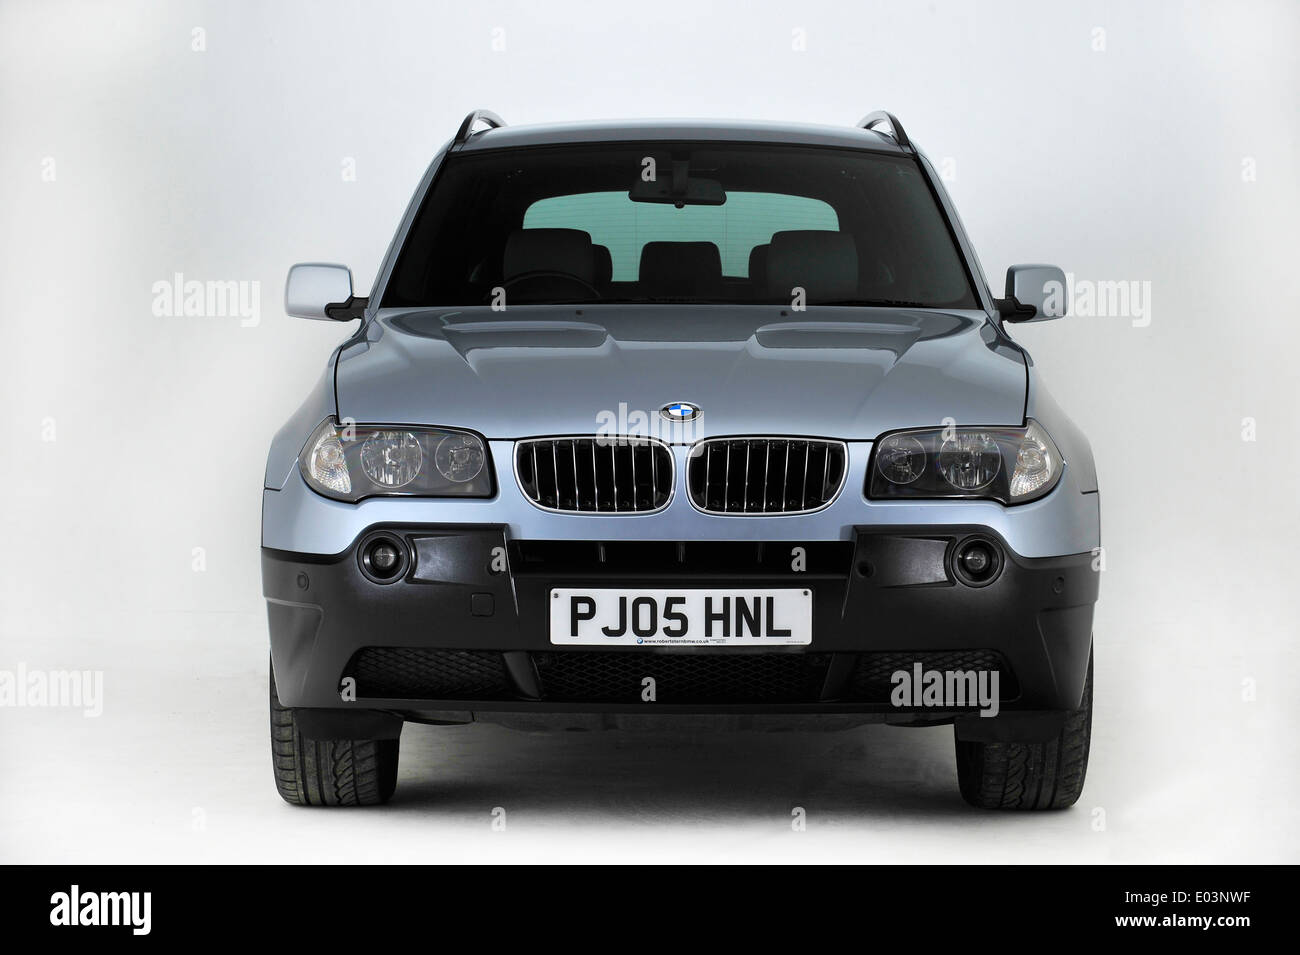 2005 BMW X3 Imagen De Stock